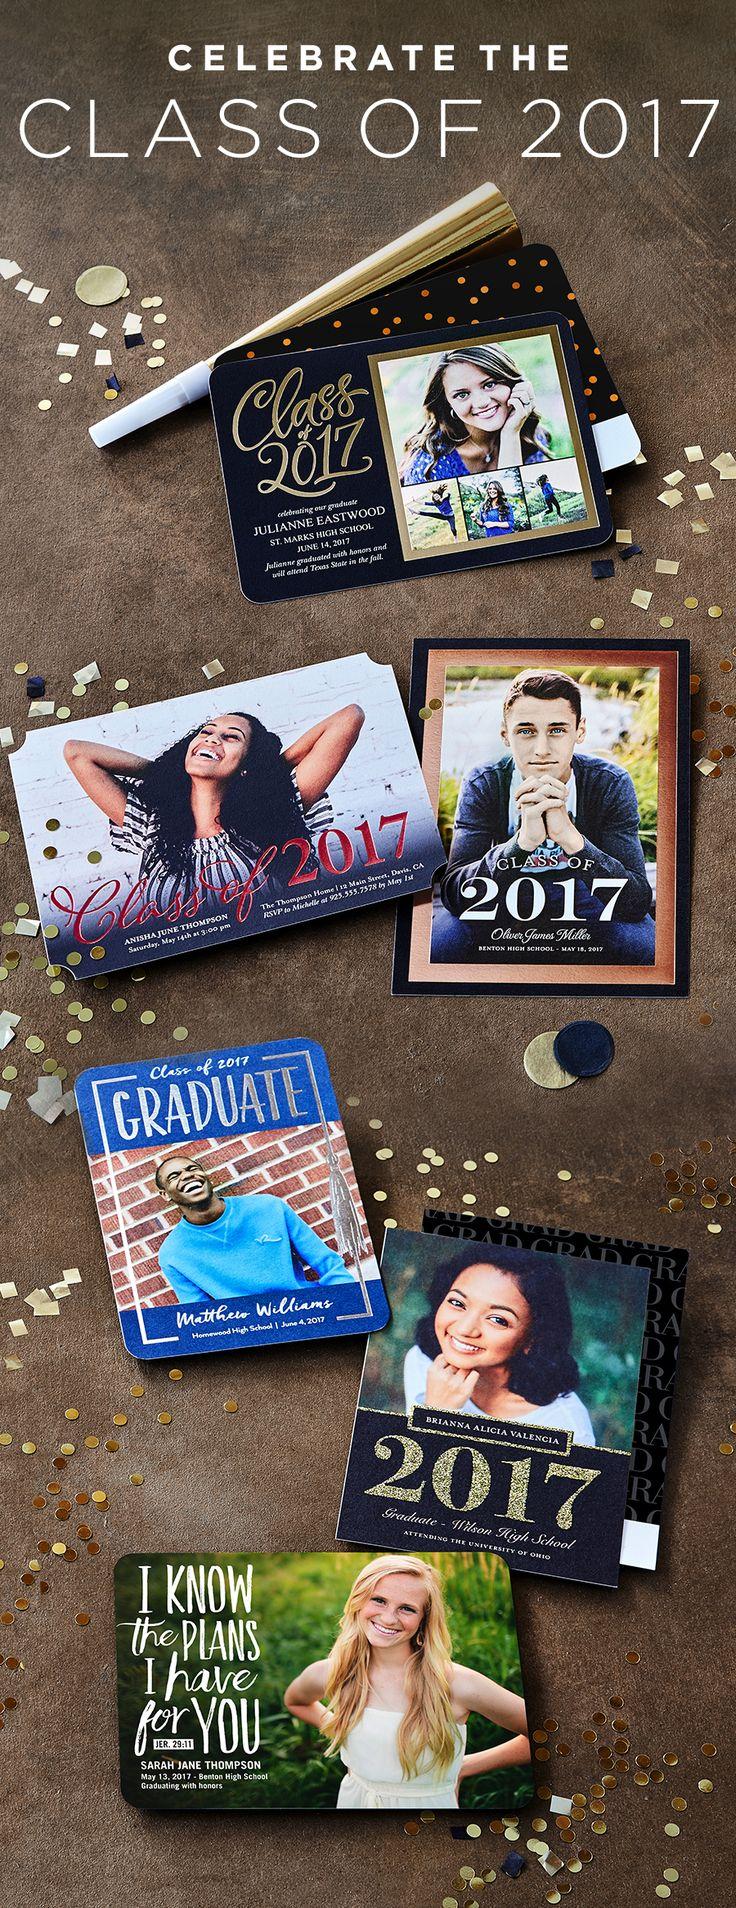 367 Best Graduation Images On Pinterest